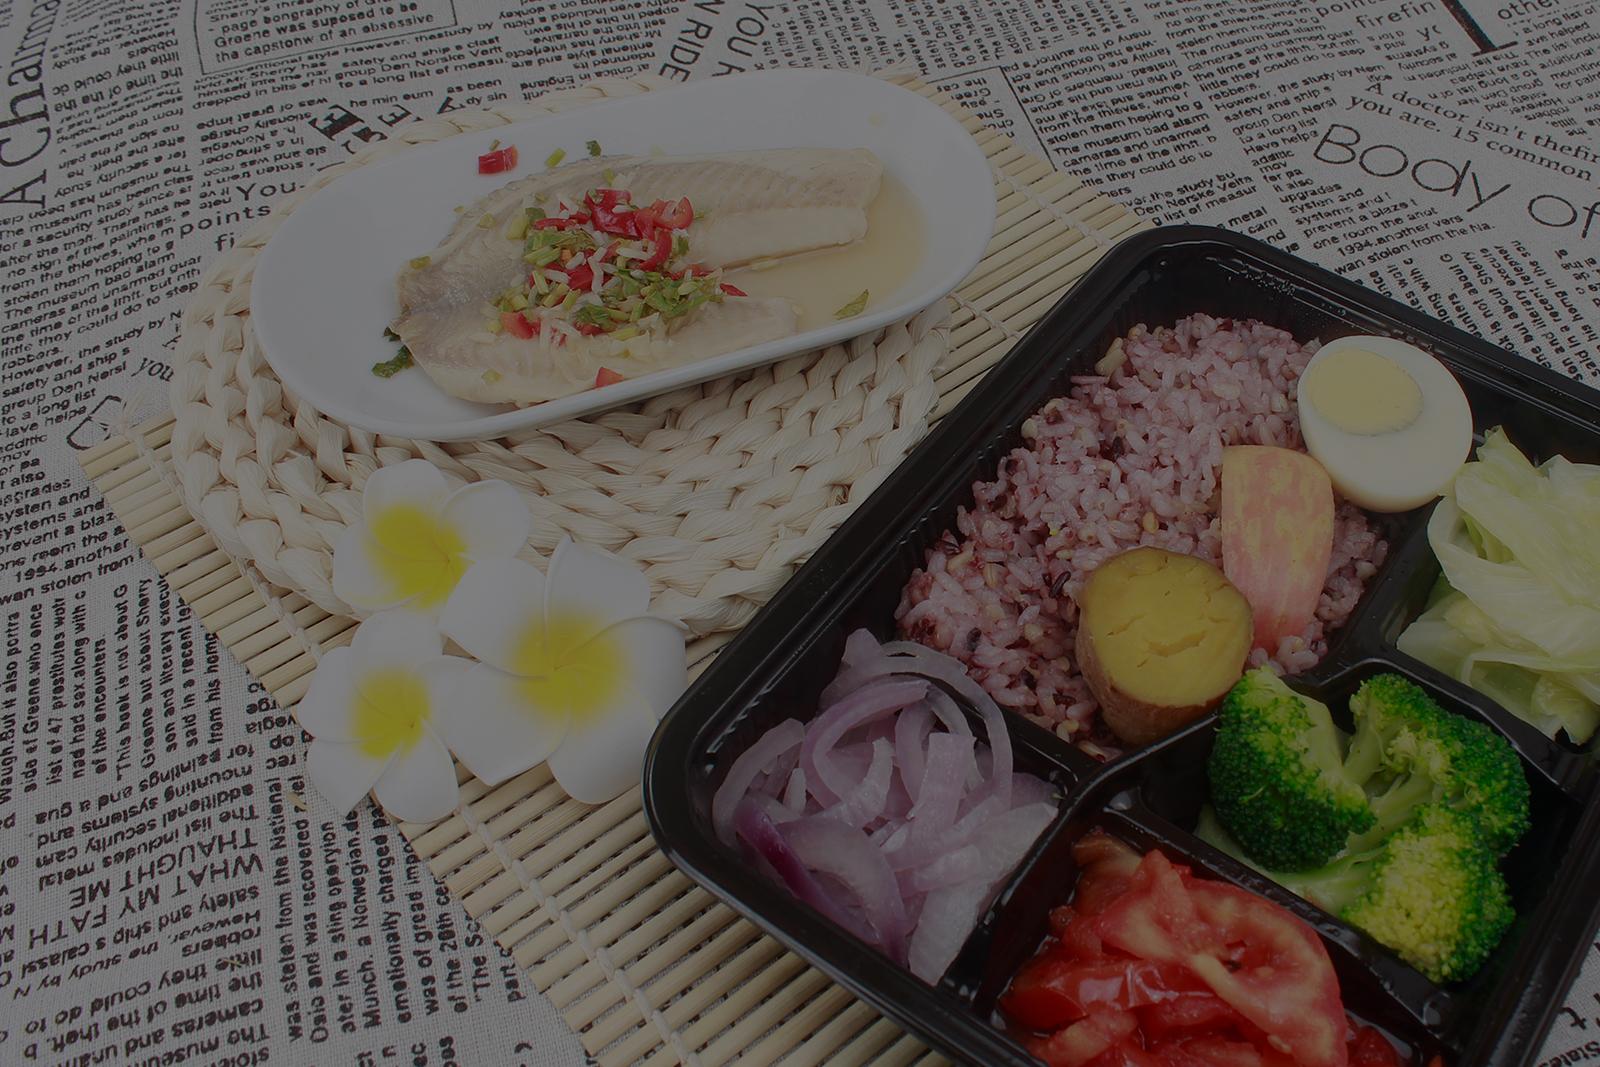 元氣健康餐盒,彰化便當,彰化輕食,外送便當